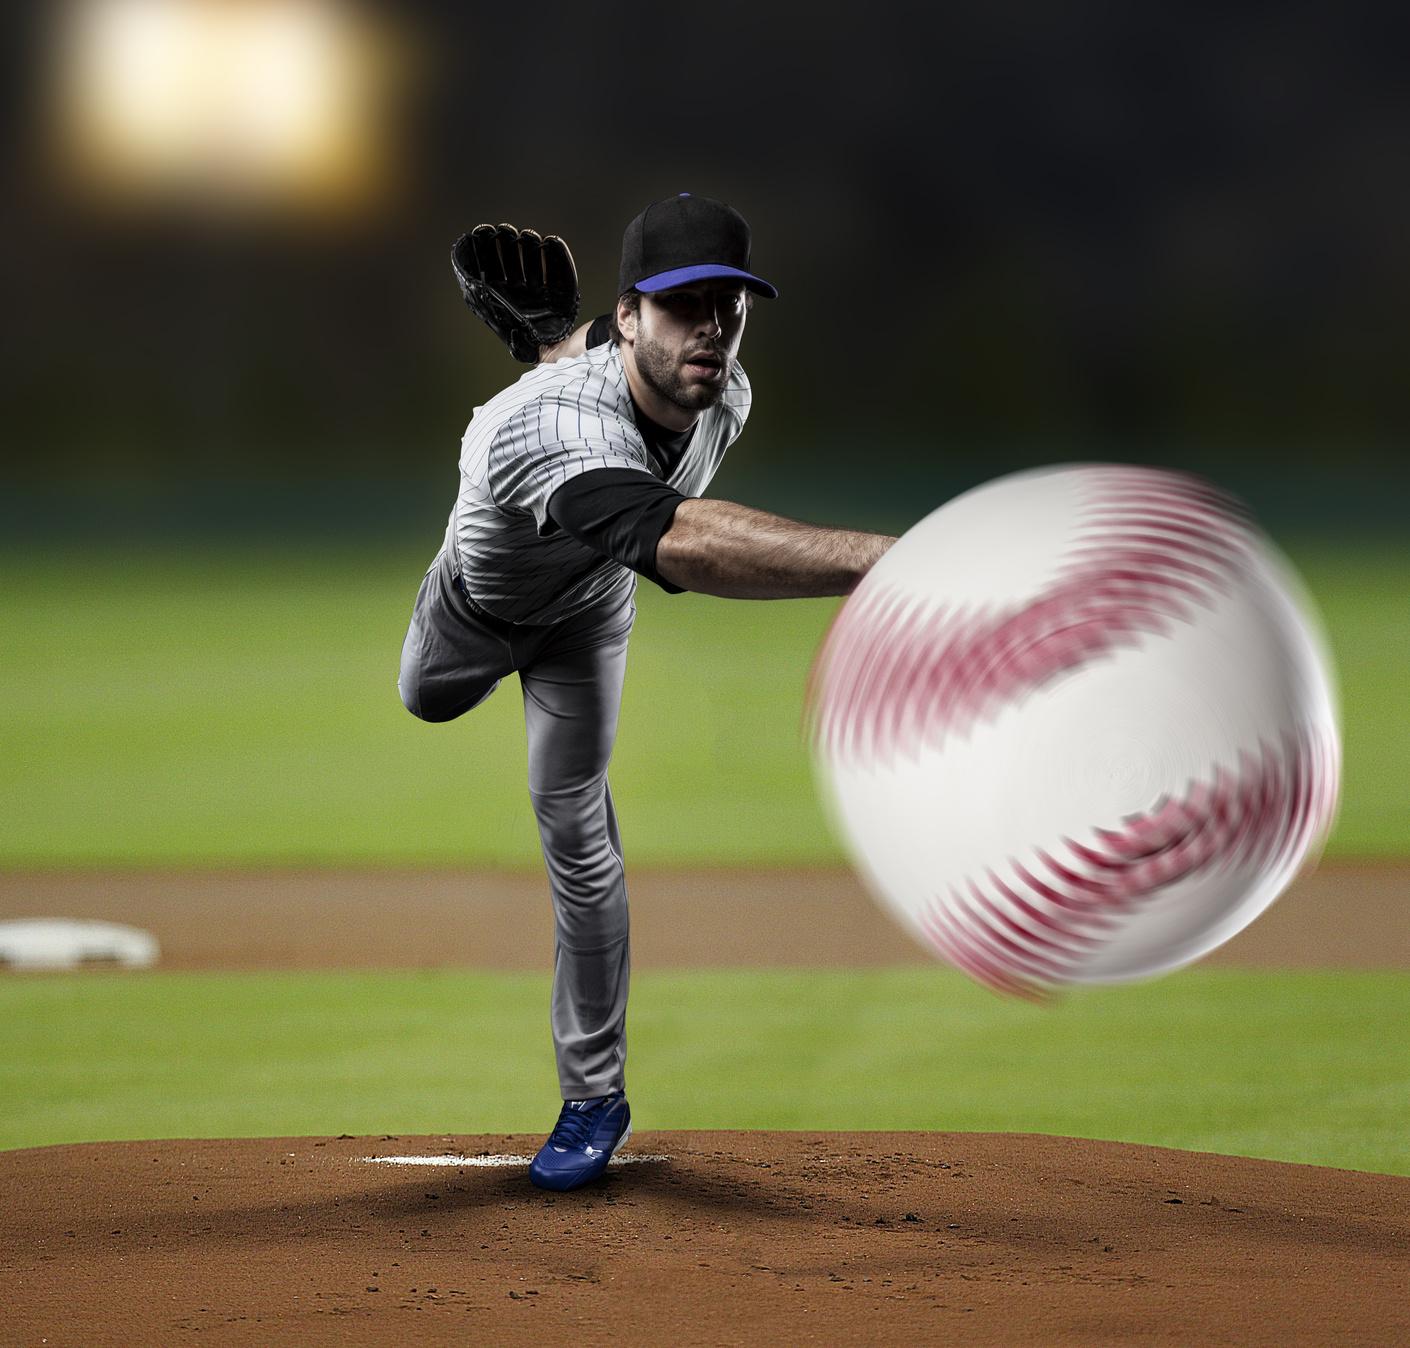 A Curve Ball